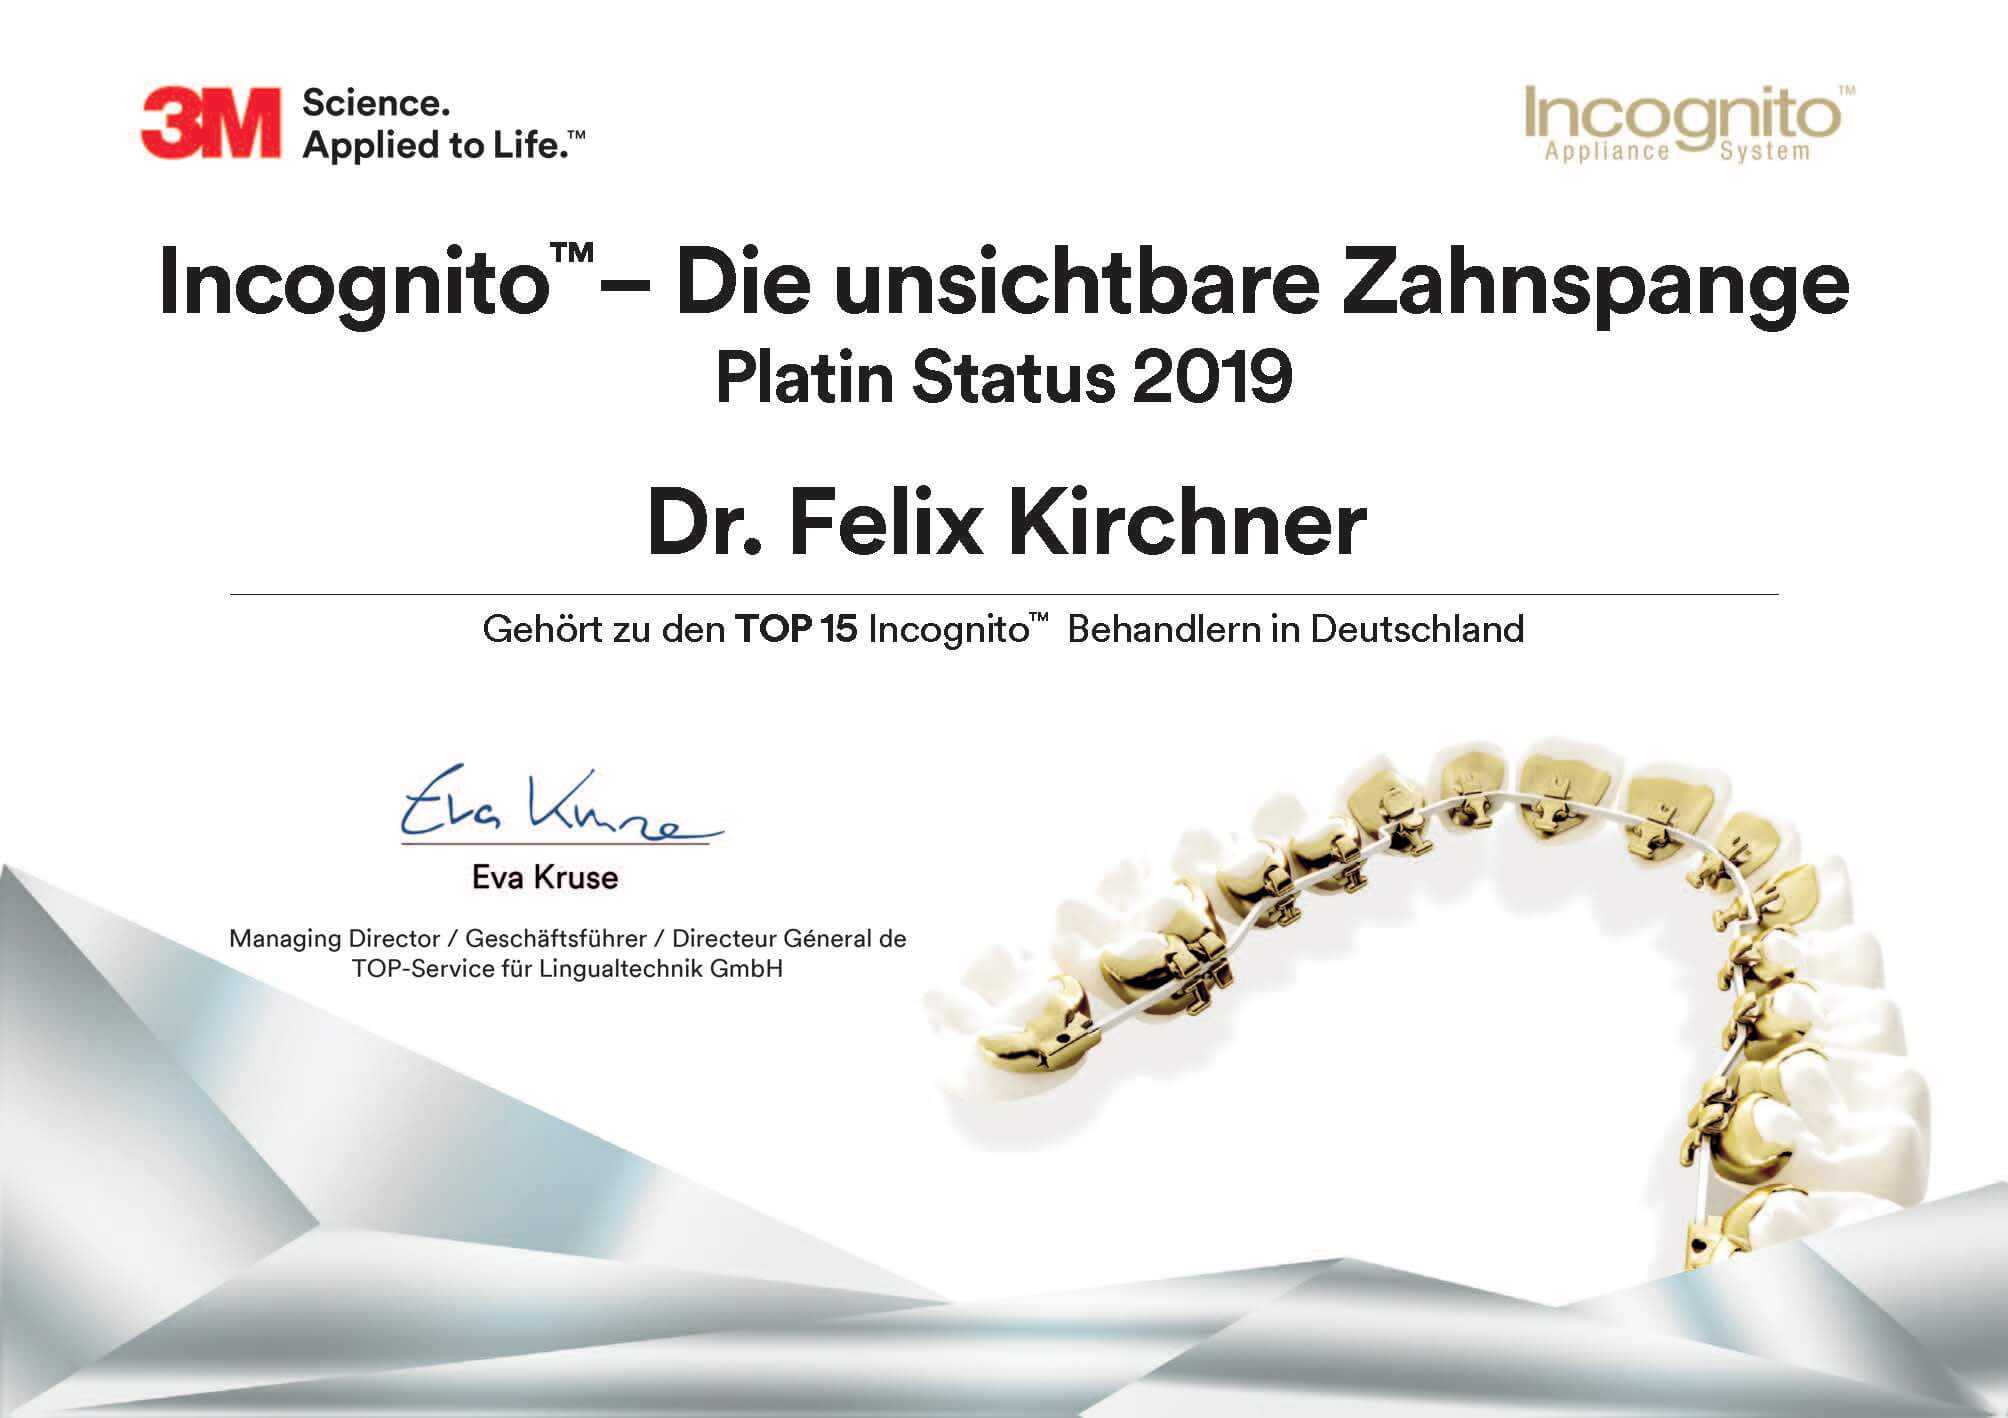 KFO Fünf Höfe München Platin-Urkunde Dr. Felix Kirchner - Incognito - Die unsichtbare Zahnspange